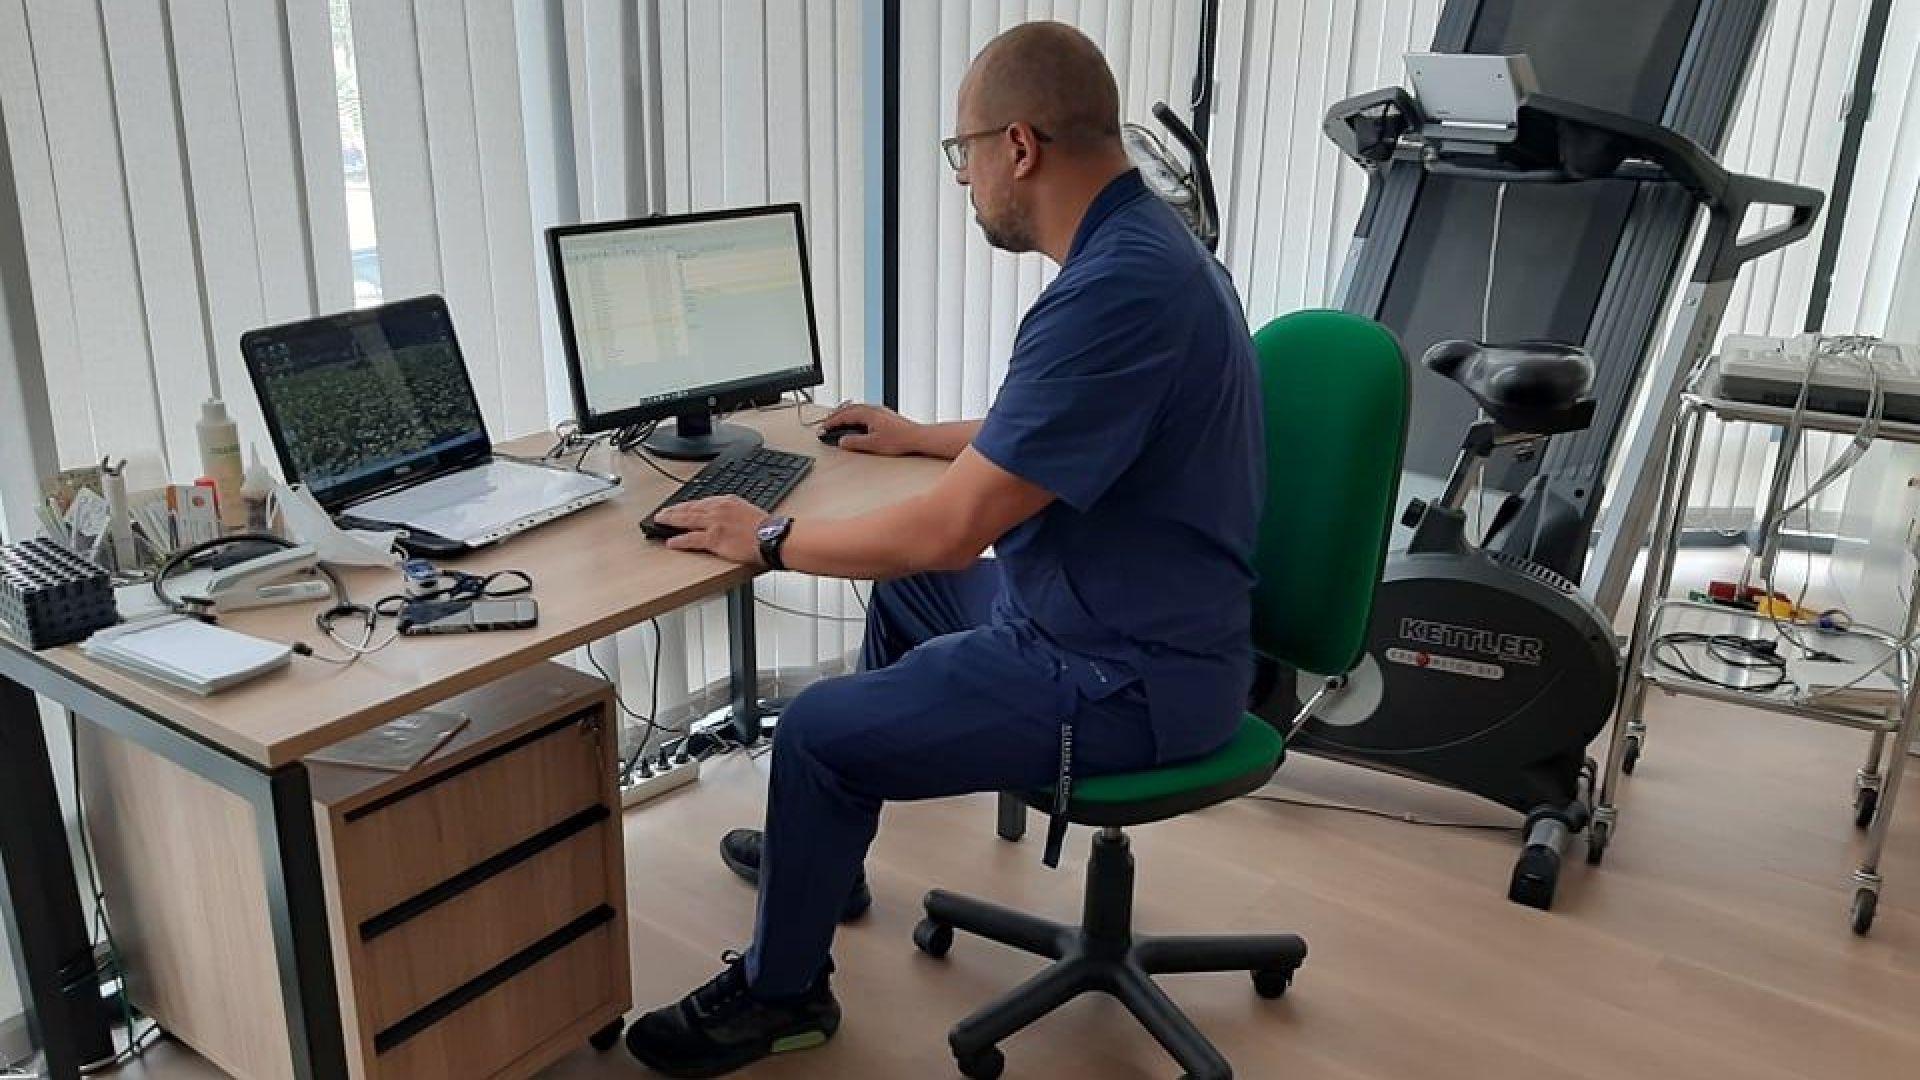 България е сред първите места по сърдечно-съдови заболявания, казва лекарят